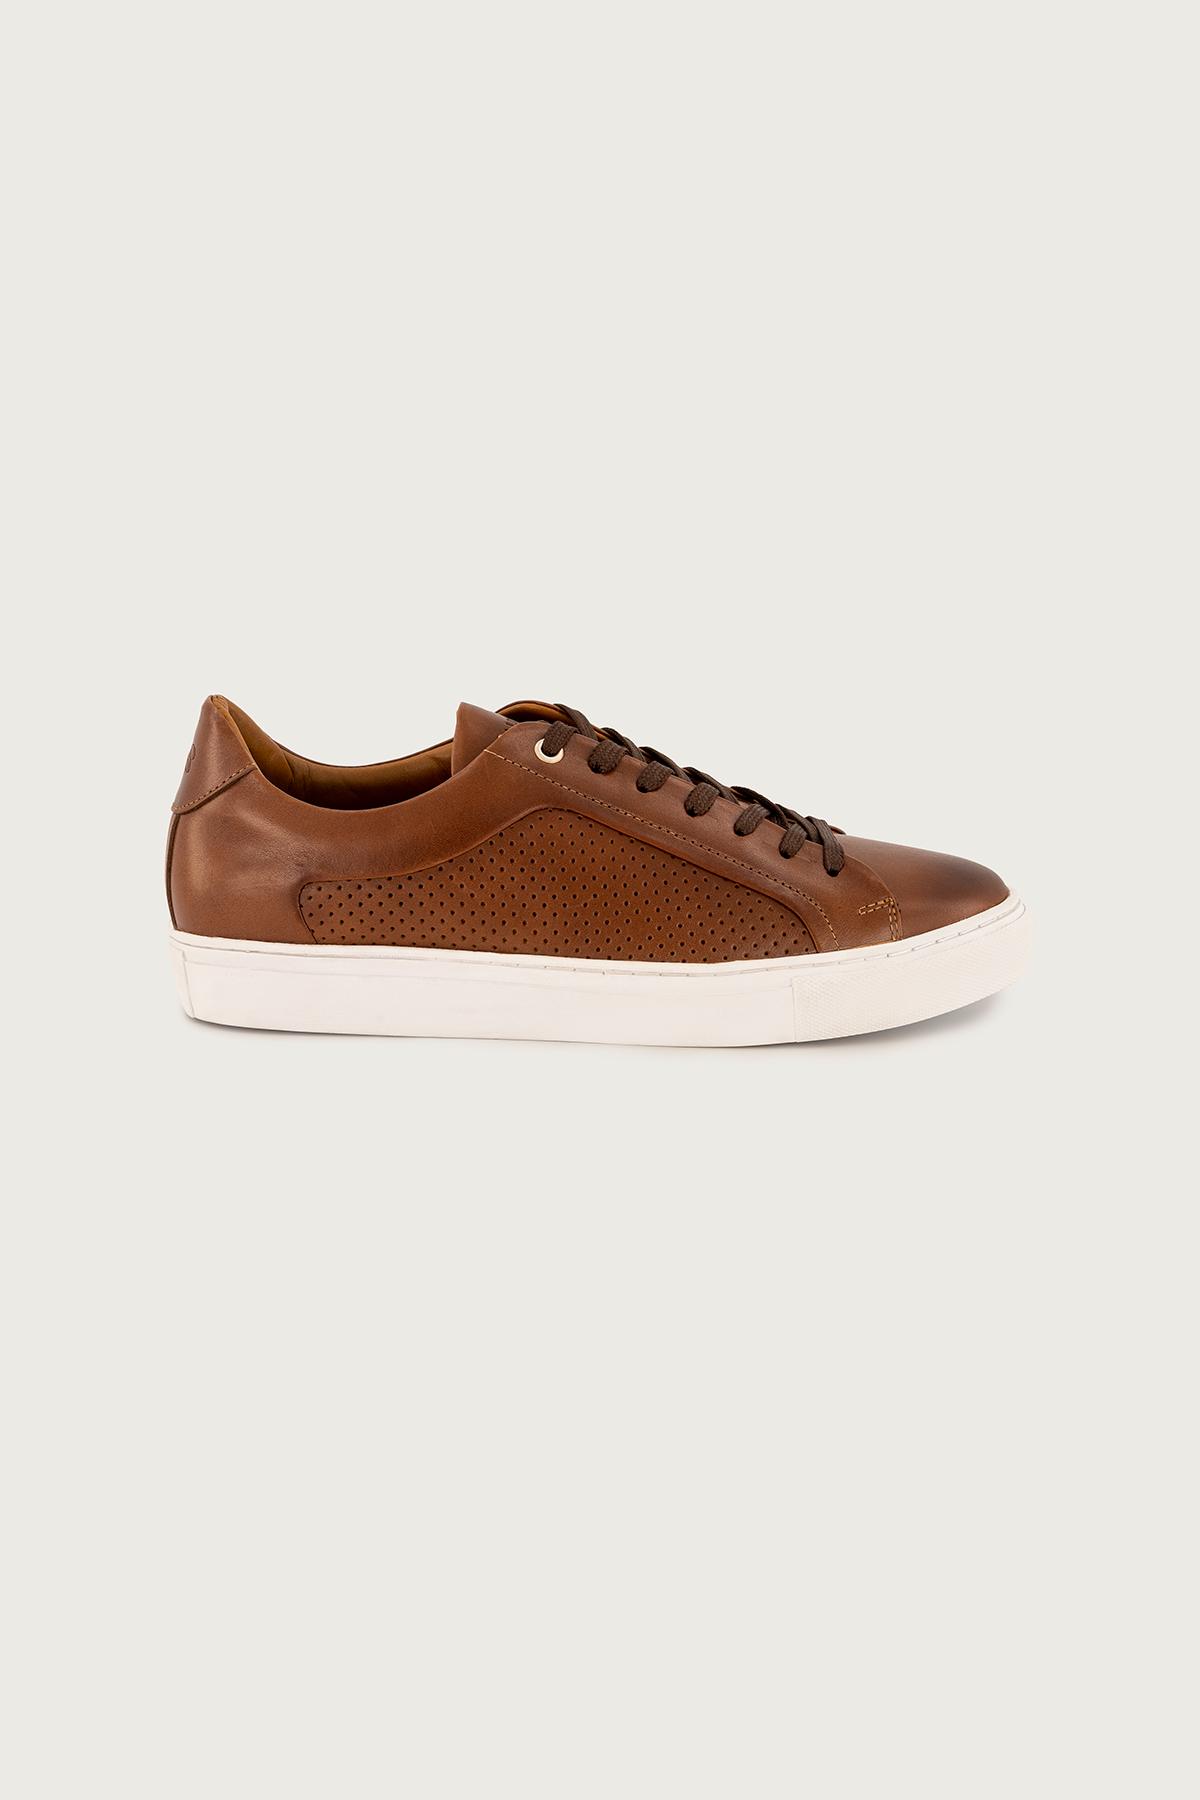 Sneakers Calderoni, modelo Milano, cuero vacuno color cogñac.